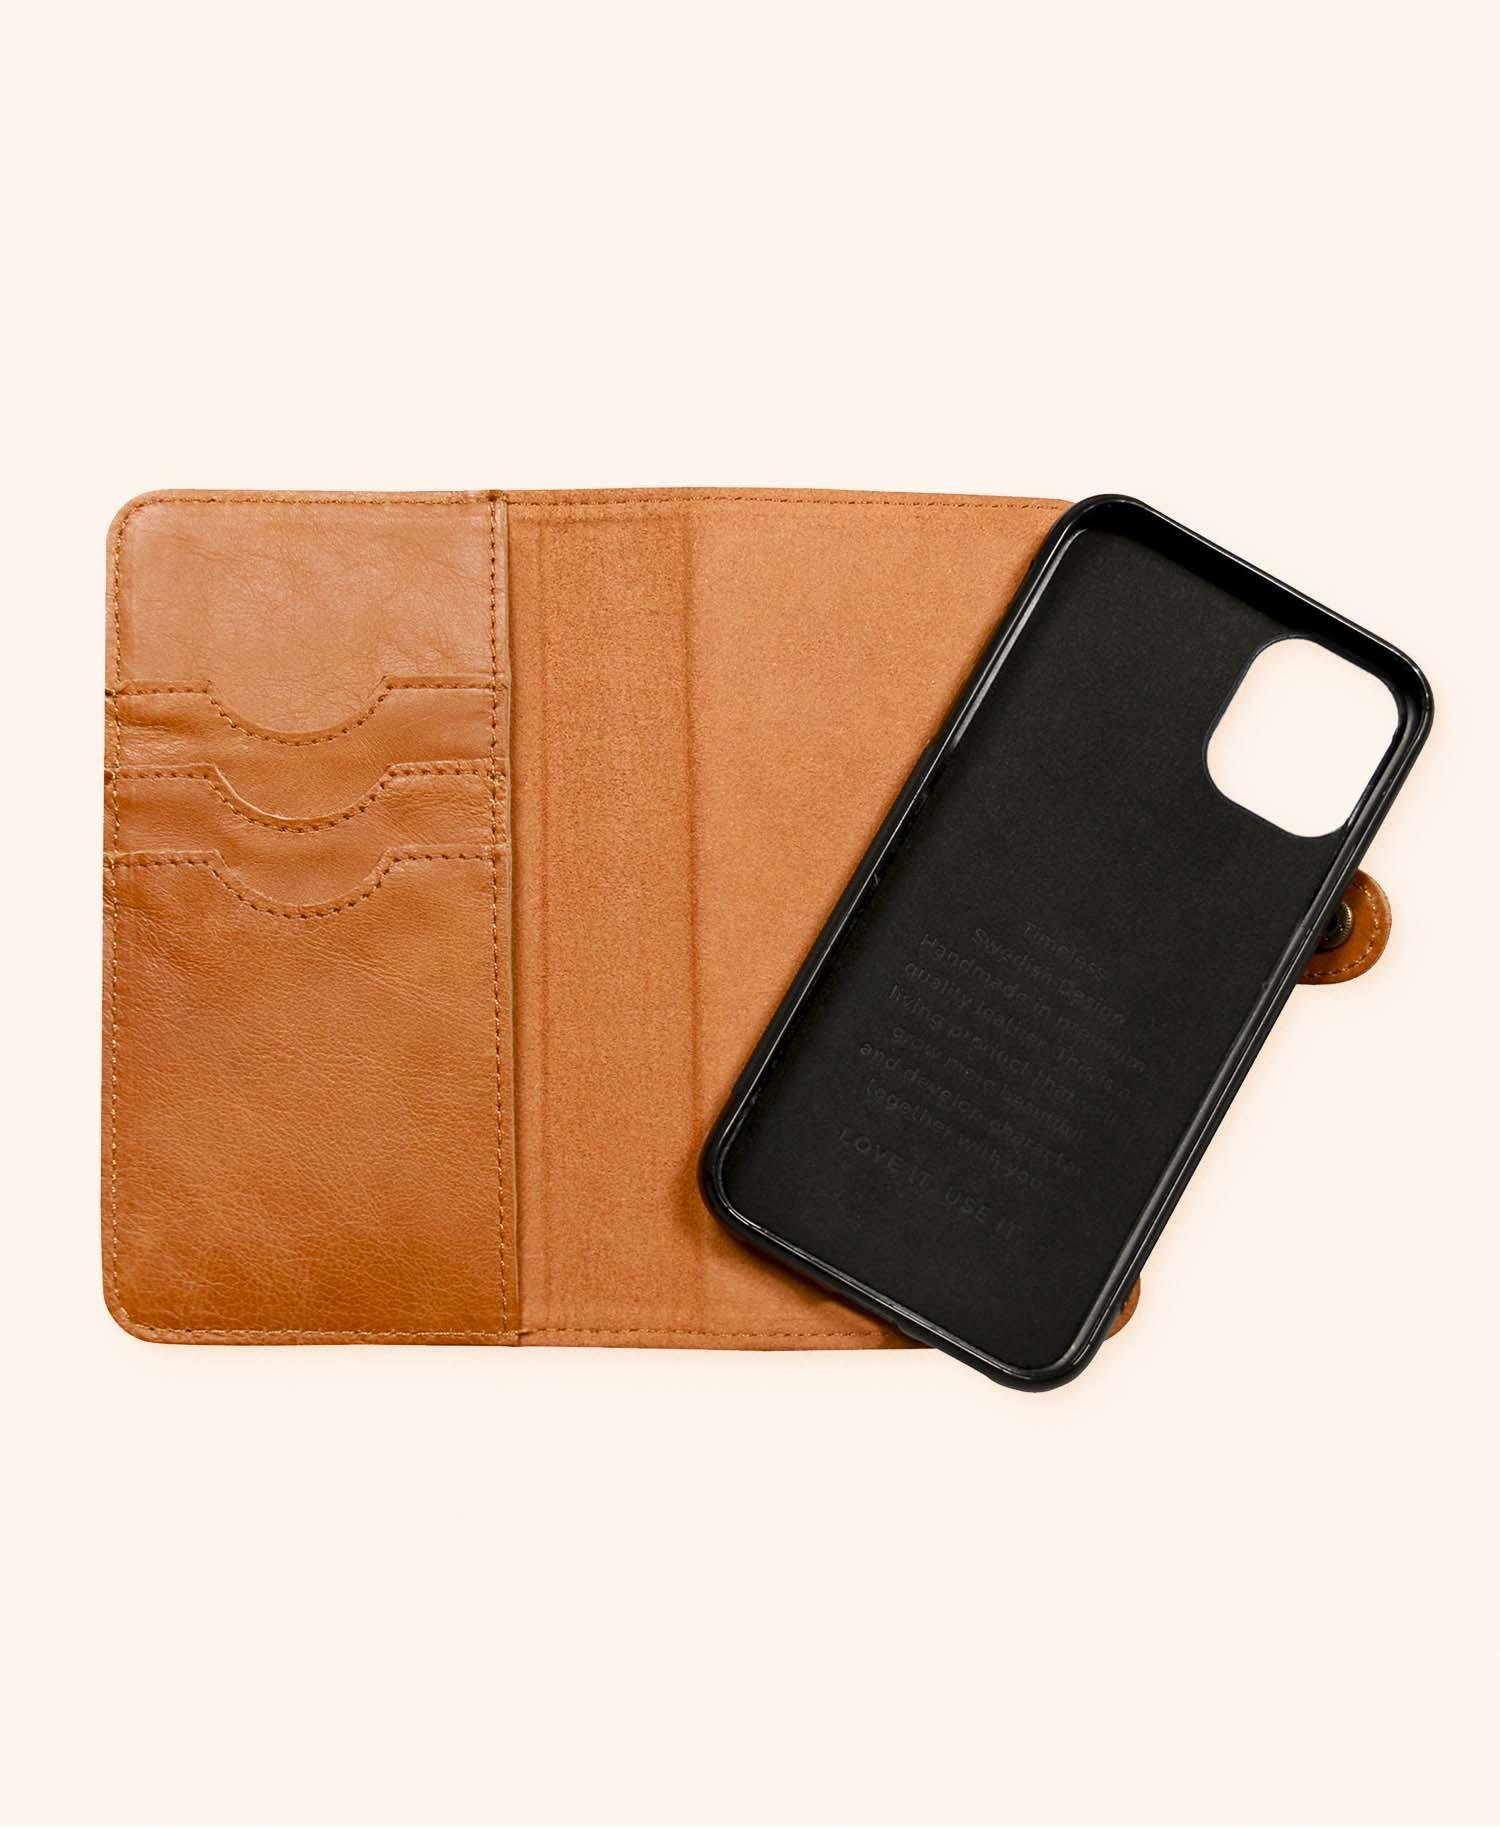 Andrew cognac wallet iphone 11 - open